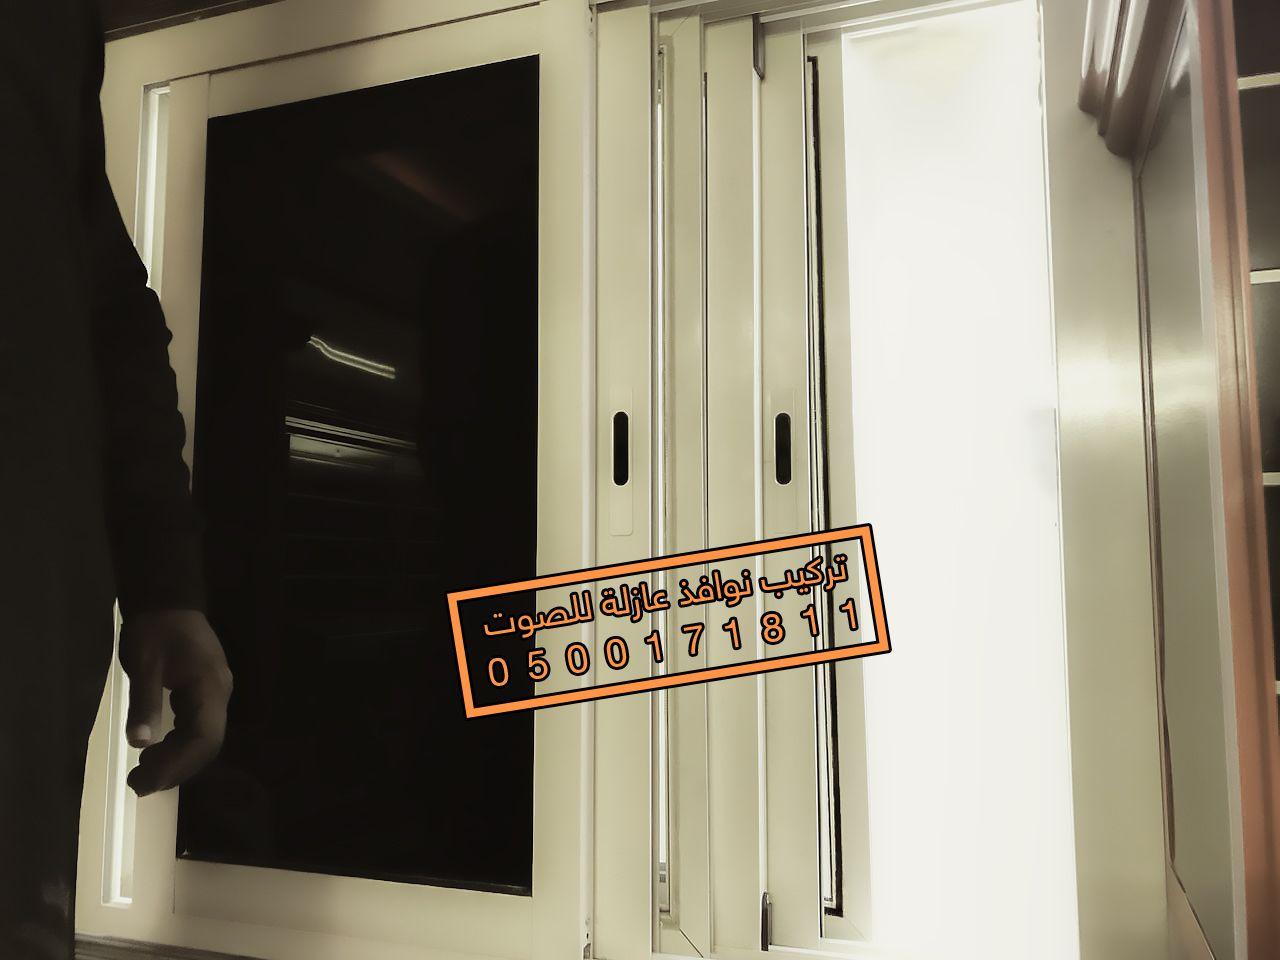 شركات عزل صوت عازل صوت عوازل صوت العزل الصوتي عوازل صوتية بالرياض French Door Refrigerator Home French Doors